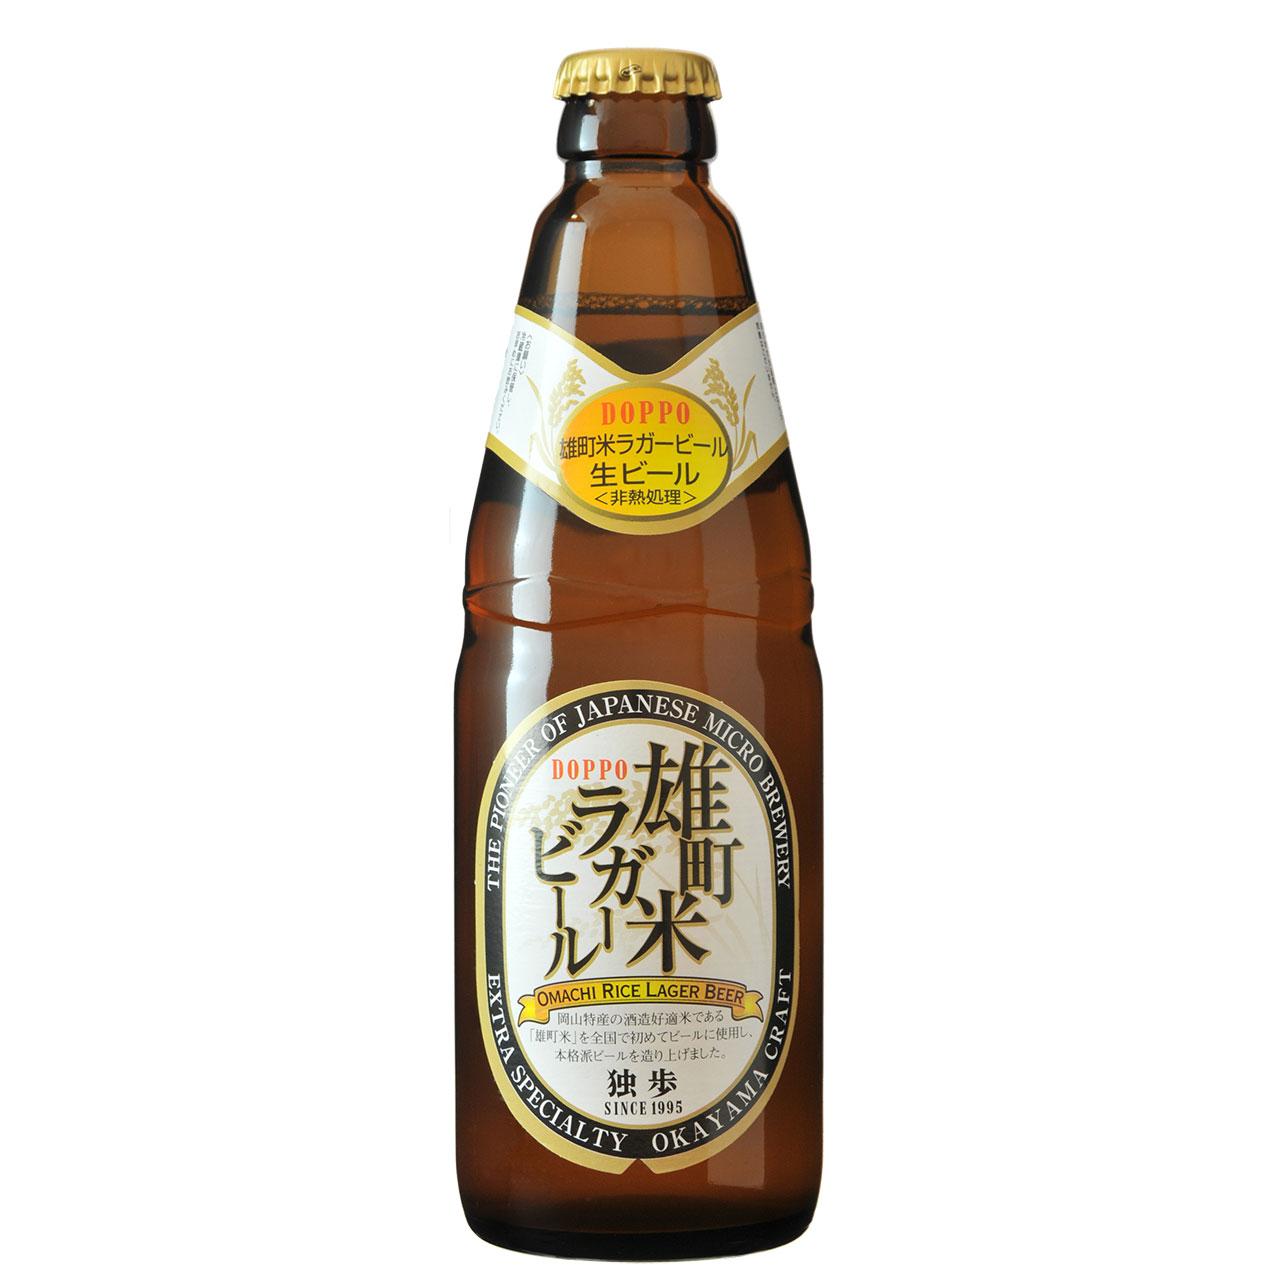 【お歳暮 ギフト】独歩 雄町米ラガー 330ml 24本 岡山県 宮下酒造 クラフトビール ケース販売 クール便